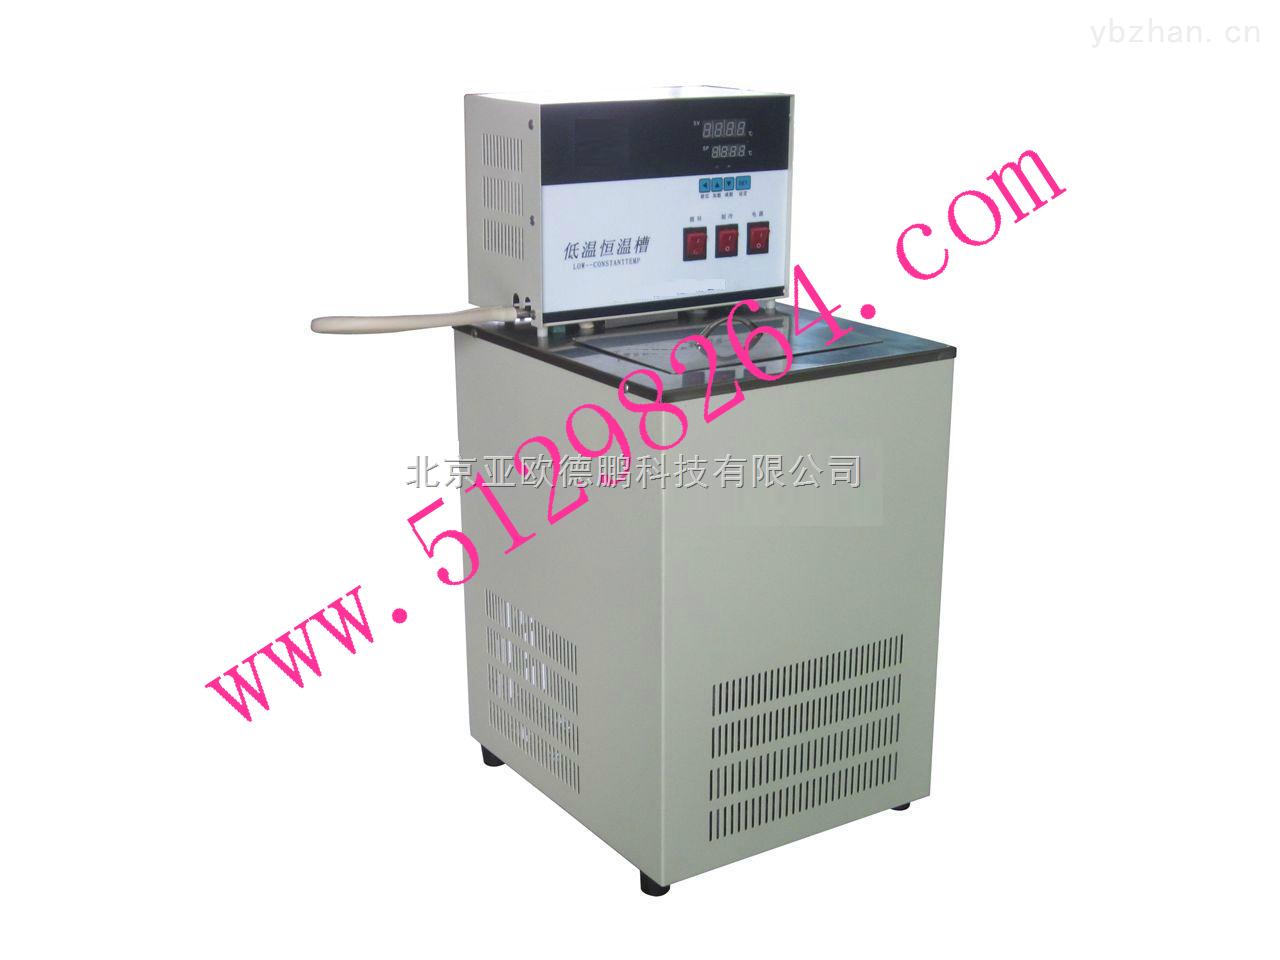 DP-015-低溫恒溫循環器/低溫恒溫循環槽/恒溫循環器